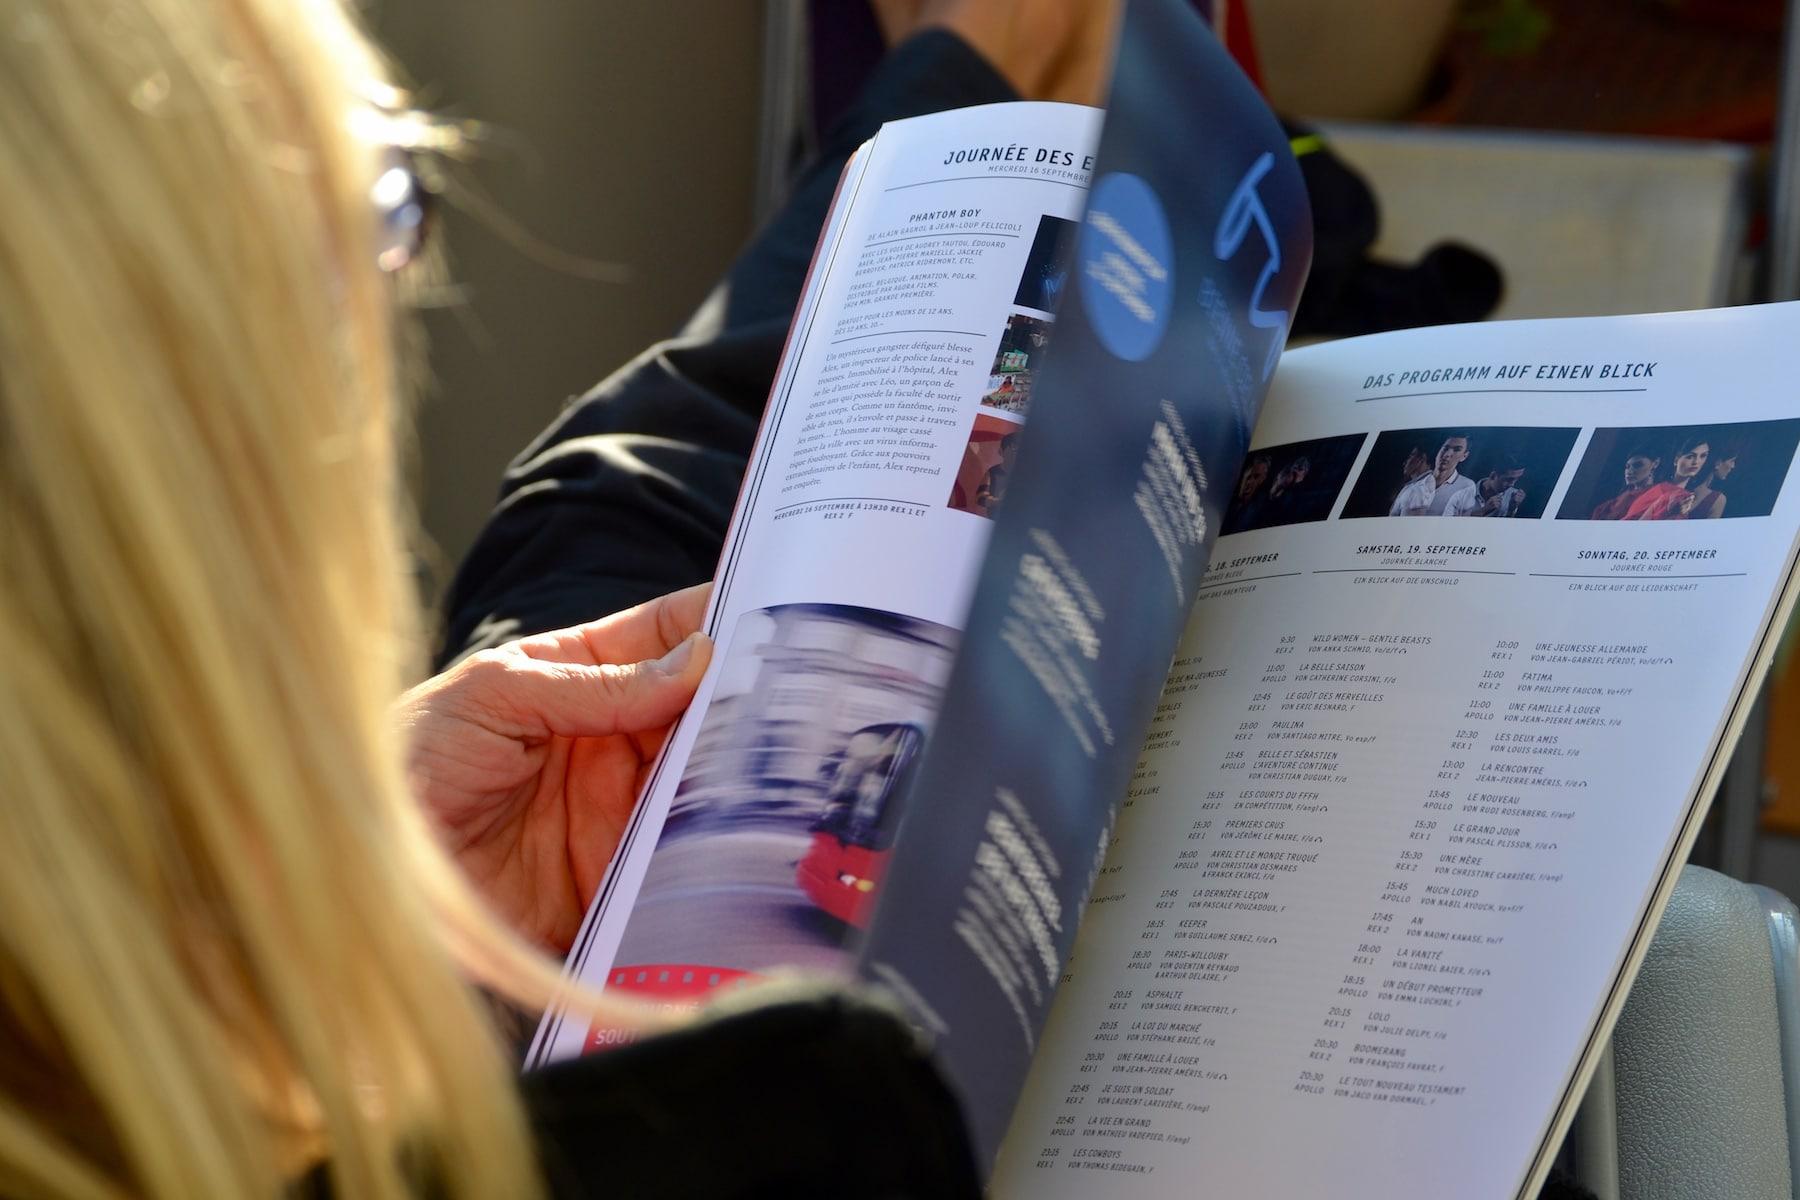 Mein Platz Interview Berliner Zeitung Catharina